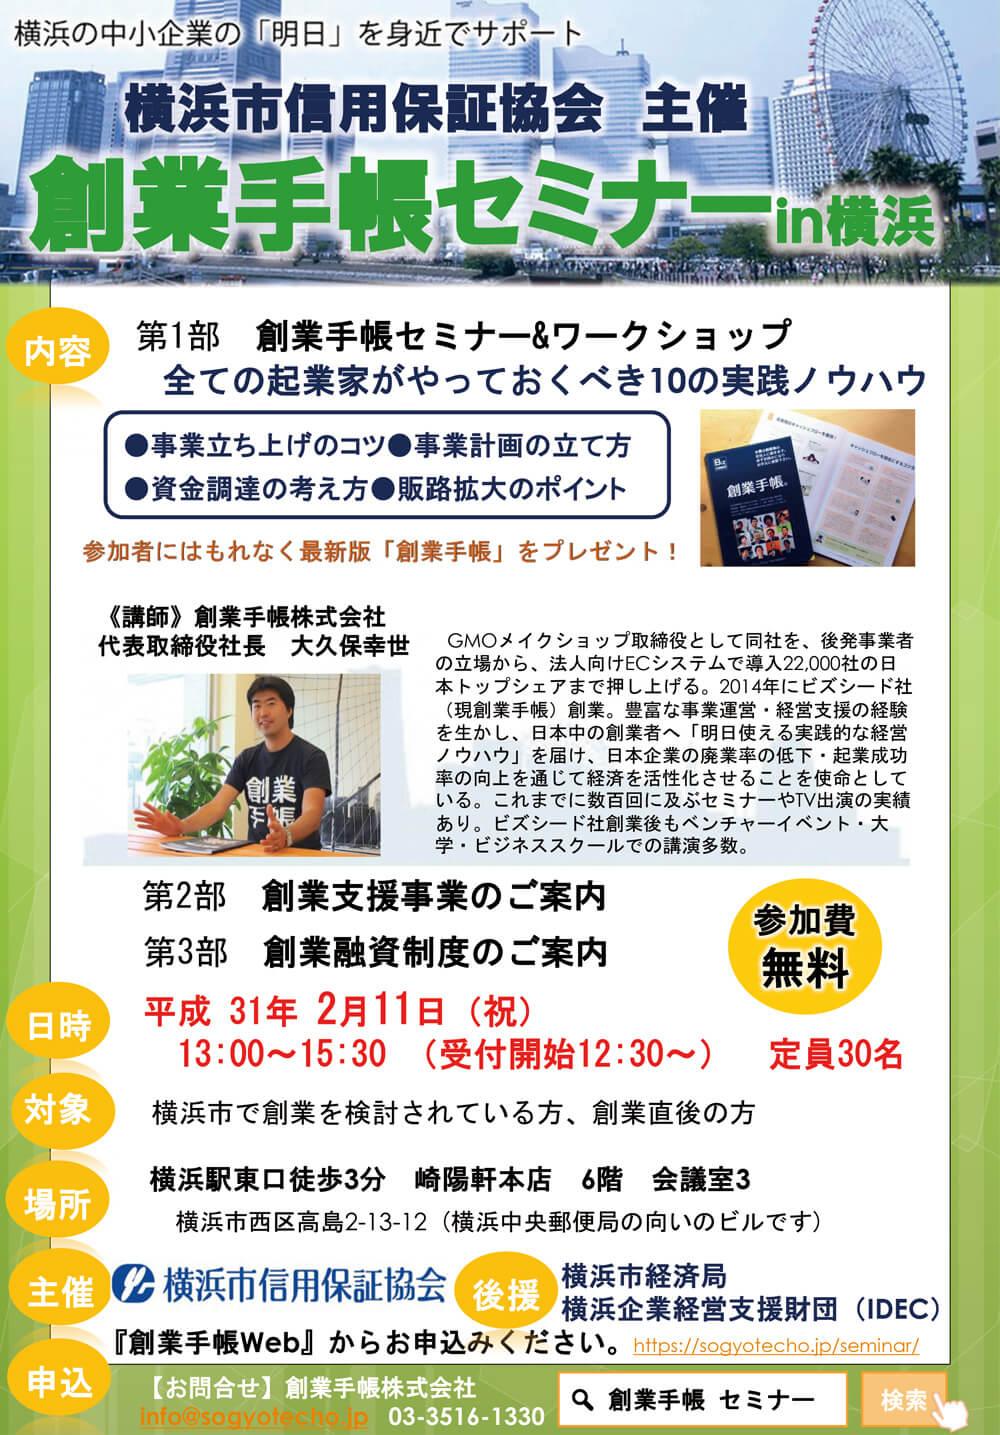 横浜市信用保証協会主催 創業手帳セミナーin横浜【2/11】